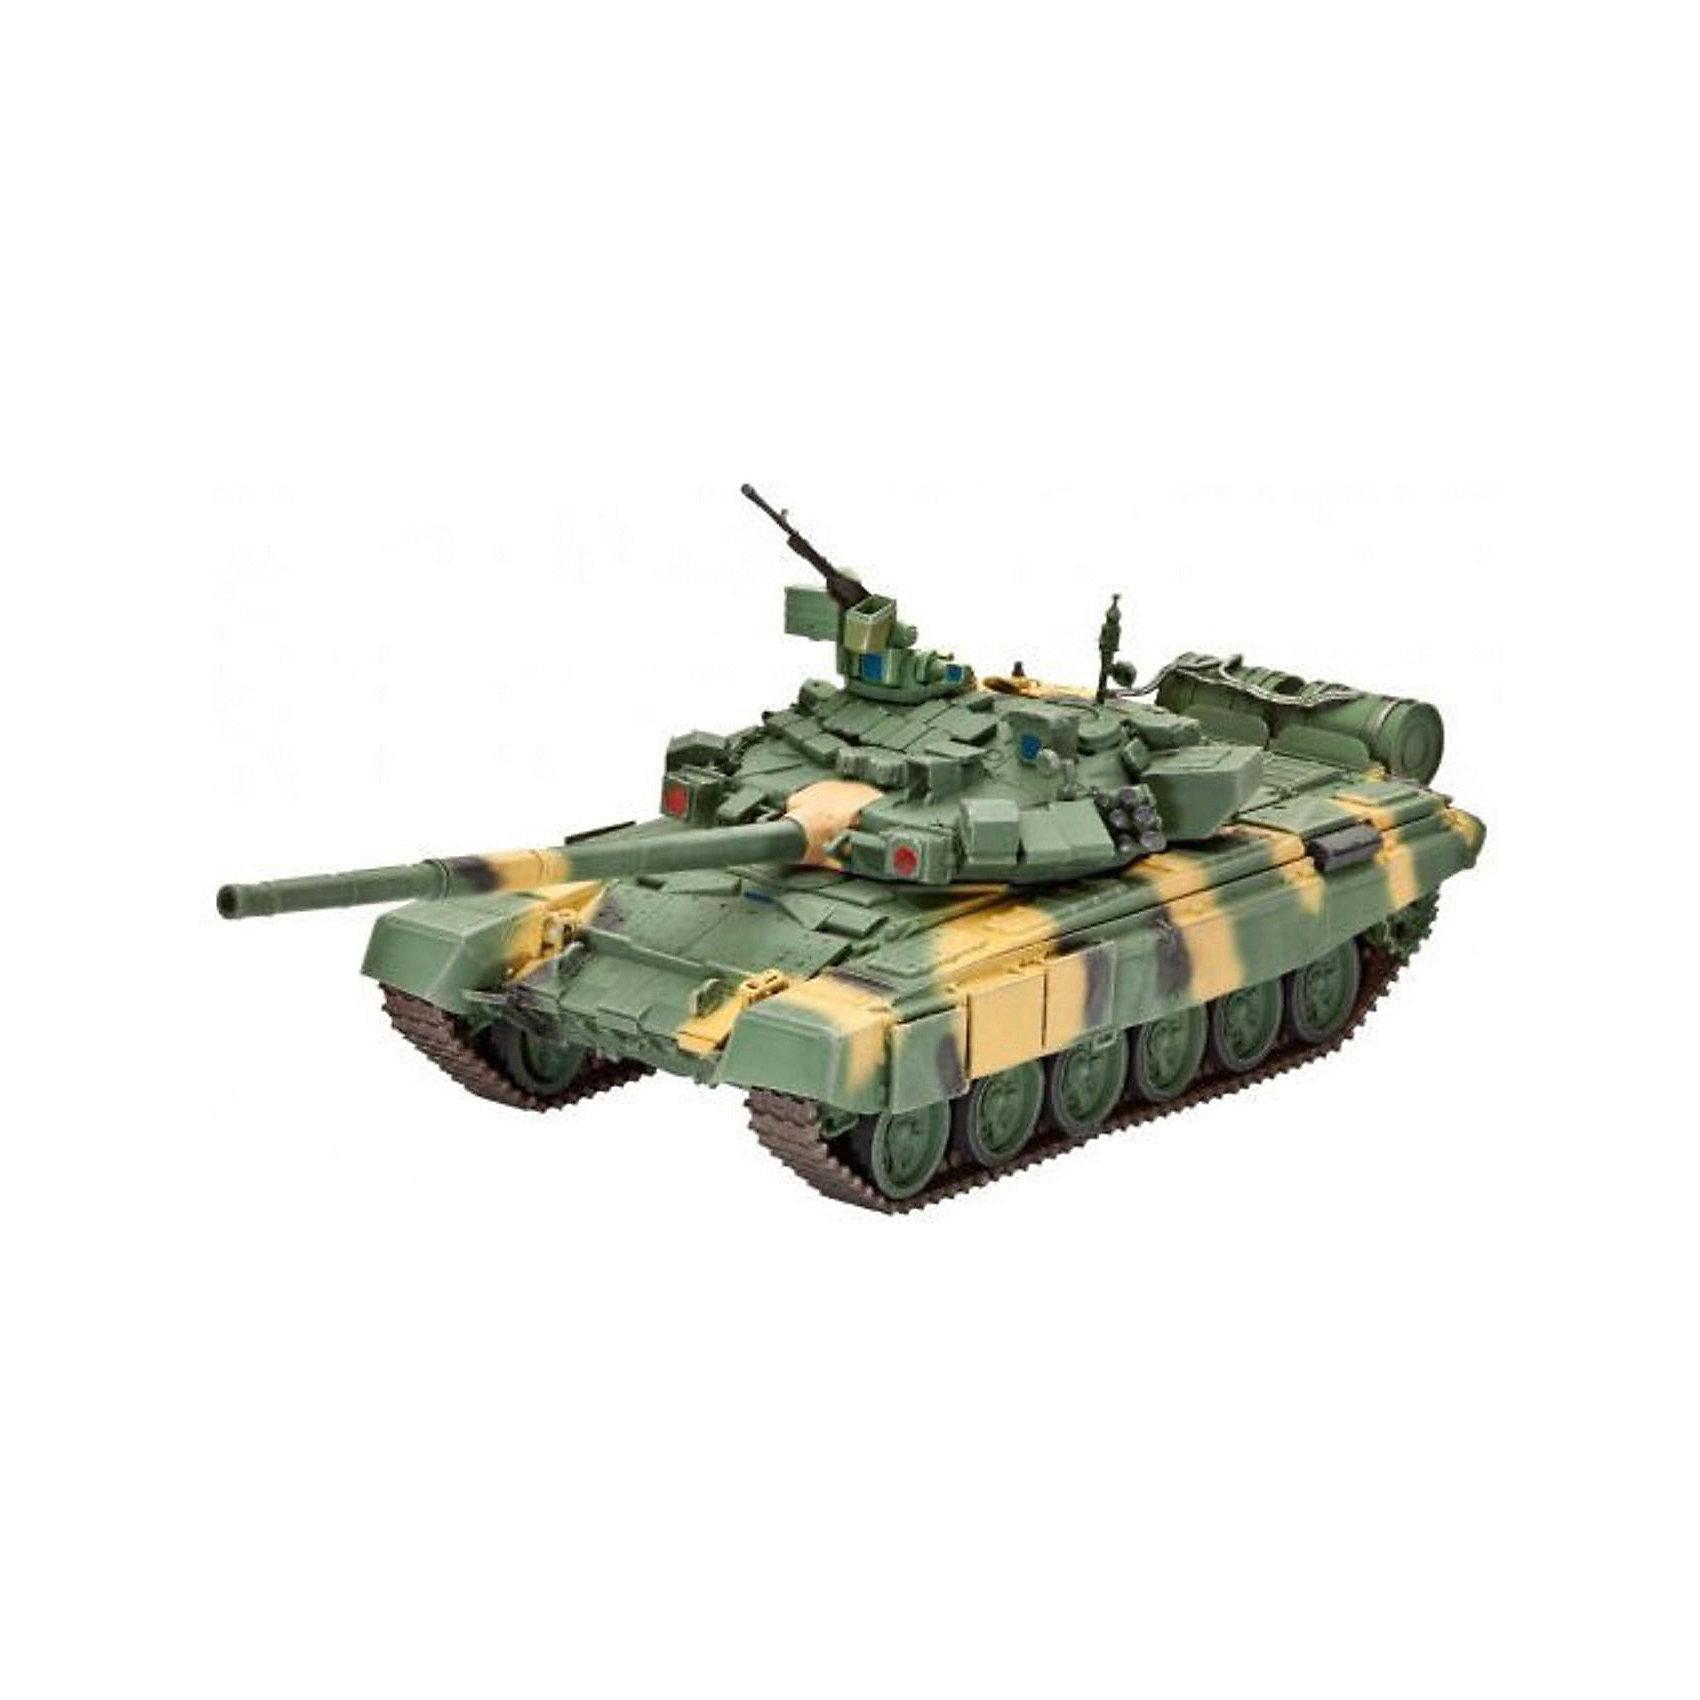 Танк Т-90, РоссияМодели для склеивания<br>Сборная модель современного российского танка Т-90. На текущий момент Т-90 является самым современным танков в армии России.  <br>Создавался как модернизация Т-72Б. Танк оснащен 125 мм орудием, способным вести огонь, как стандартными боеприпасами, так и ПТУРами. Т-90 имеет сварной корпус и литую башню. Танк оборудован активной защитой, состоящей из комплекса оптико-электронного подавления Штора-1. Комплекс предназначен для защиты от поражения танка противотанковыми управляемыми ракетами и состоит из станции оптико-электронного подавления и системы постановки завес. С 2001 по 2010 годы Т-90 стал самым продаваемым танком на мировом рынке. <br>Масштаб: 1:72 <br>Количество деталей: 157 <br>Длина модели: 142 мм <br>Уровень сложности: 5 <br>В комплект входят декали для постройки моделей в варианте Вооруженных сил РФ (2005 и 2011 годов) и в варианте индийской армии (2004) <br>Клей и краски в комплект не входят.<br><br>Ширина мм: 9999<br>Глубина мм: 9999<br>Высота мм: 9999<br>Вес г: 9999<br>Возраст от месяцев: 144<br>Возраст до месяцев: 2147483647<br>Пол: Мужской<br>Возраст: Детский<br>SKU: 7122328